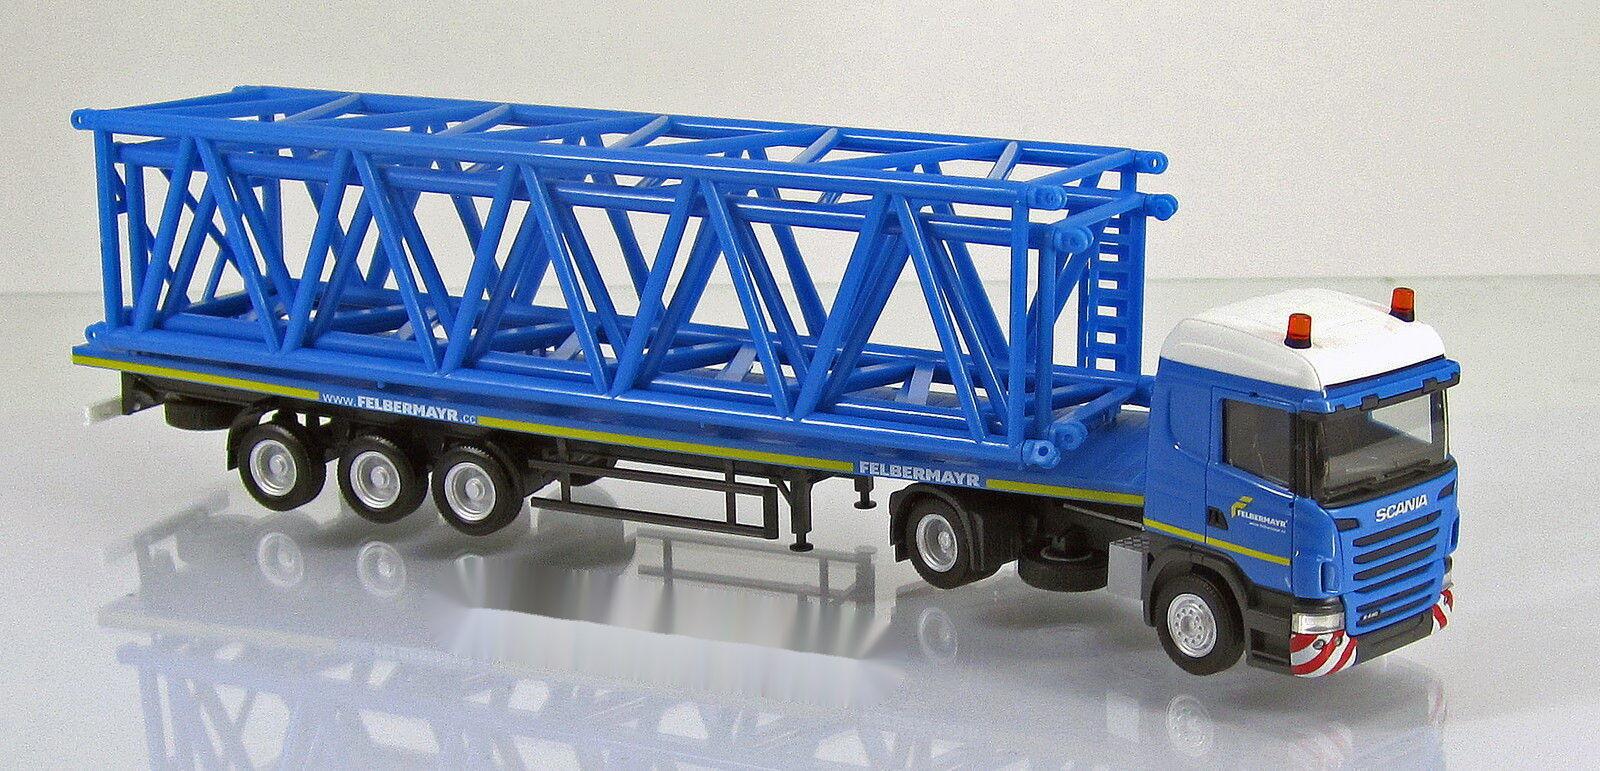 nuevo estilo Herpa 303873 scania R hl nes camiones camiones camiones mástil de rejilla partes ATCI scale 1 87 nuevo  ofreciendo 100%